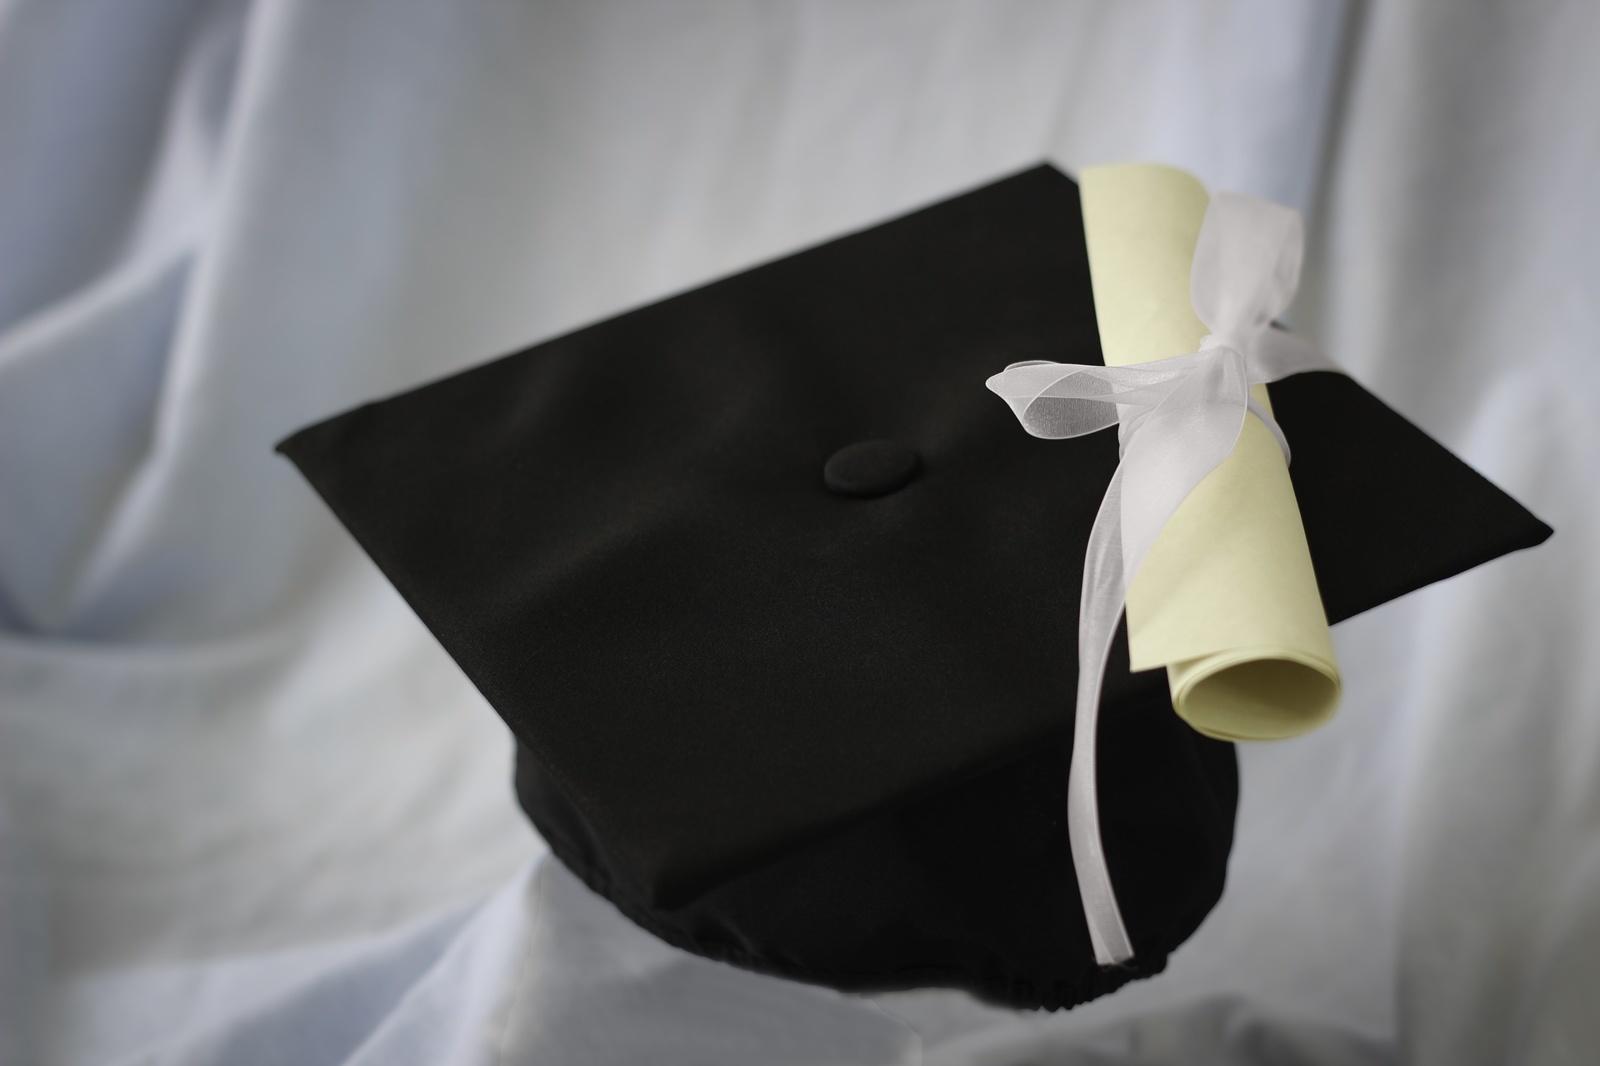 Lietuvos aukštųjų mokyklų dėstytojai inicijuoja peticiją: siekia didesnio finansavimo švietimui